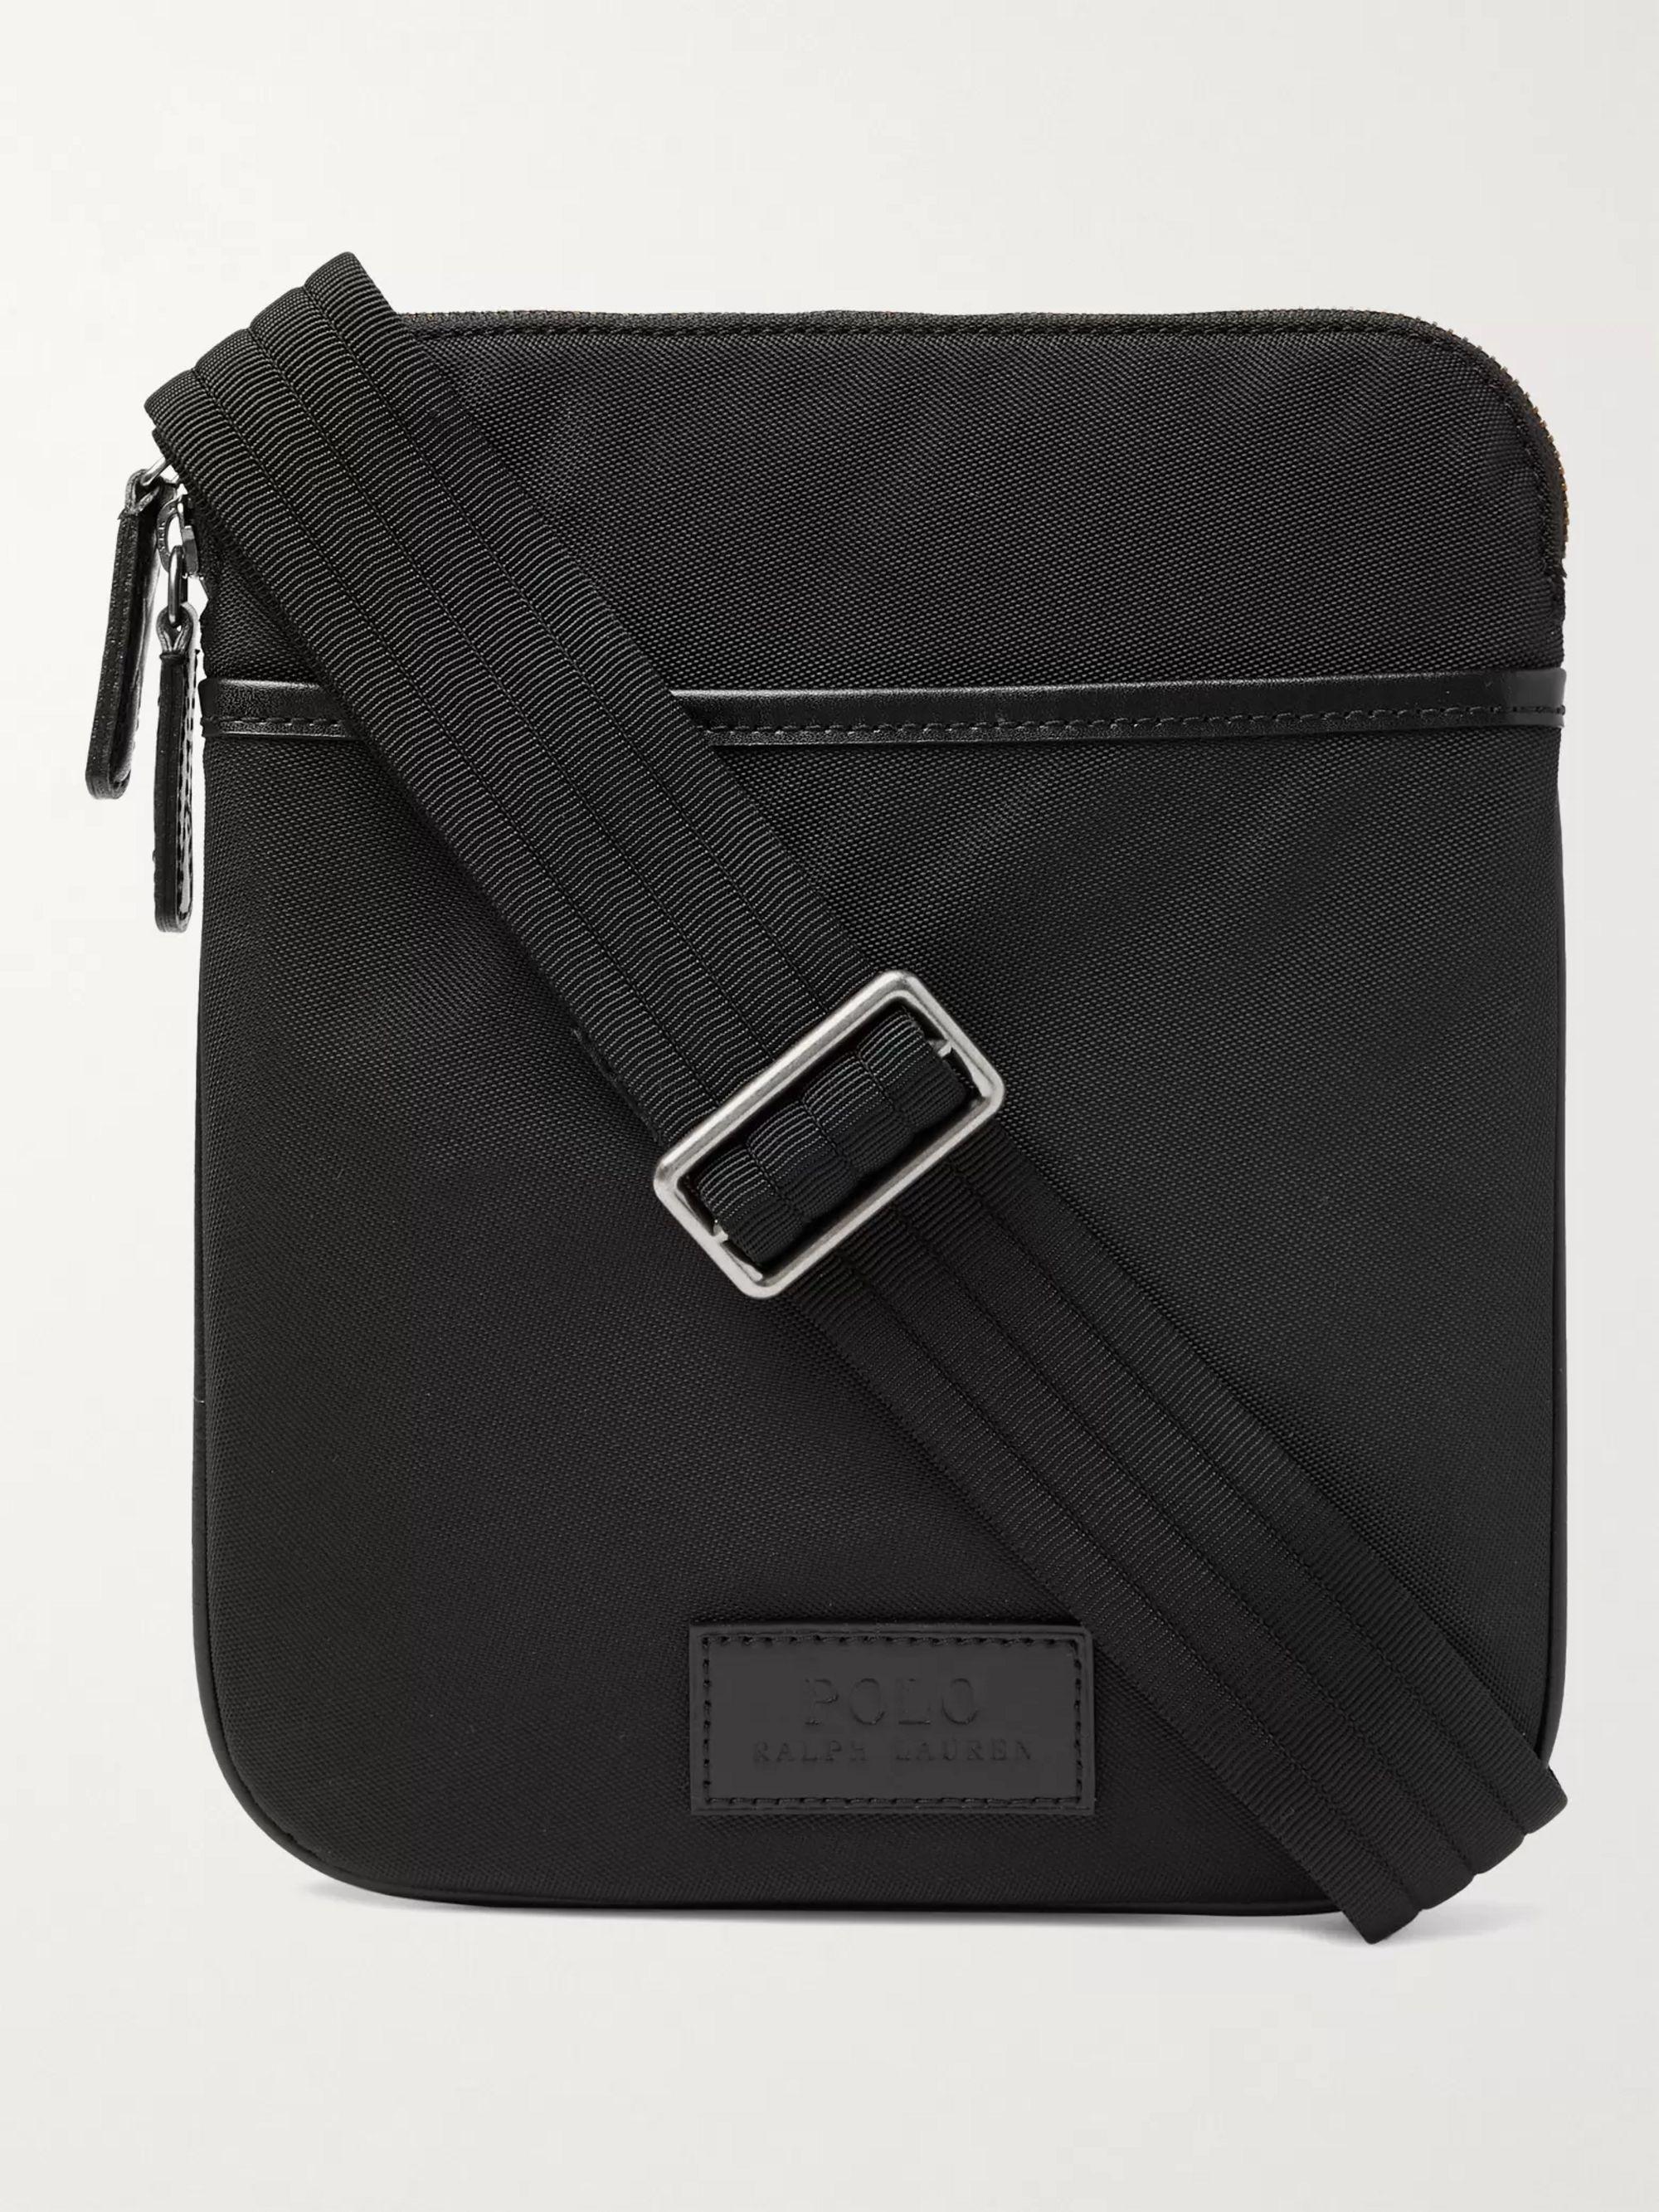 폴로 랄프로렌 Polo Ralph Lauren Leather-Trimmed Nylon Messenger Bag,Black